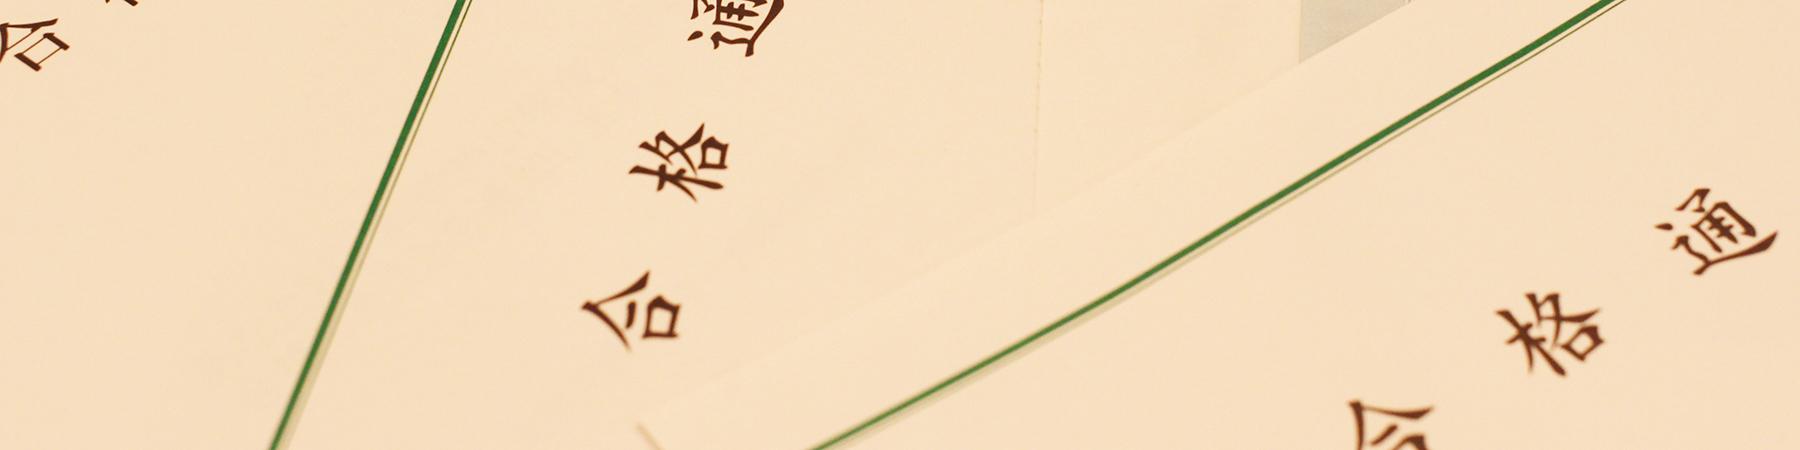 日本生活環境支援協会 | 合格認定証発行申込み